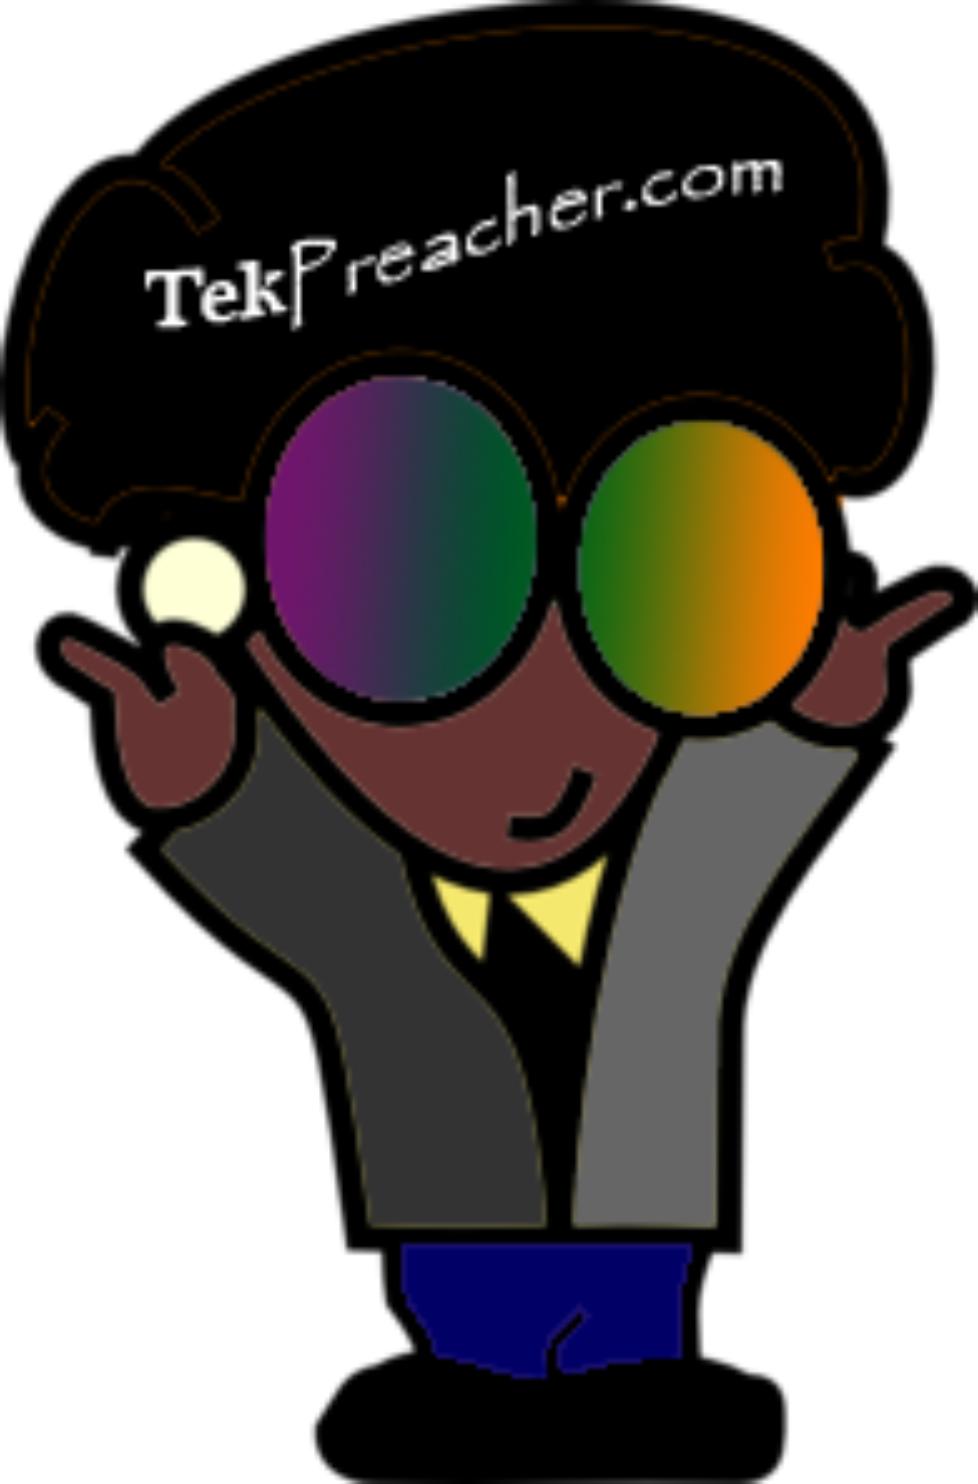 TekPreacherLogo